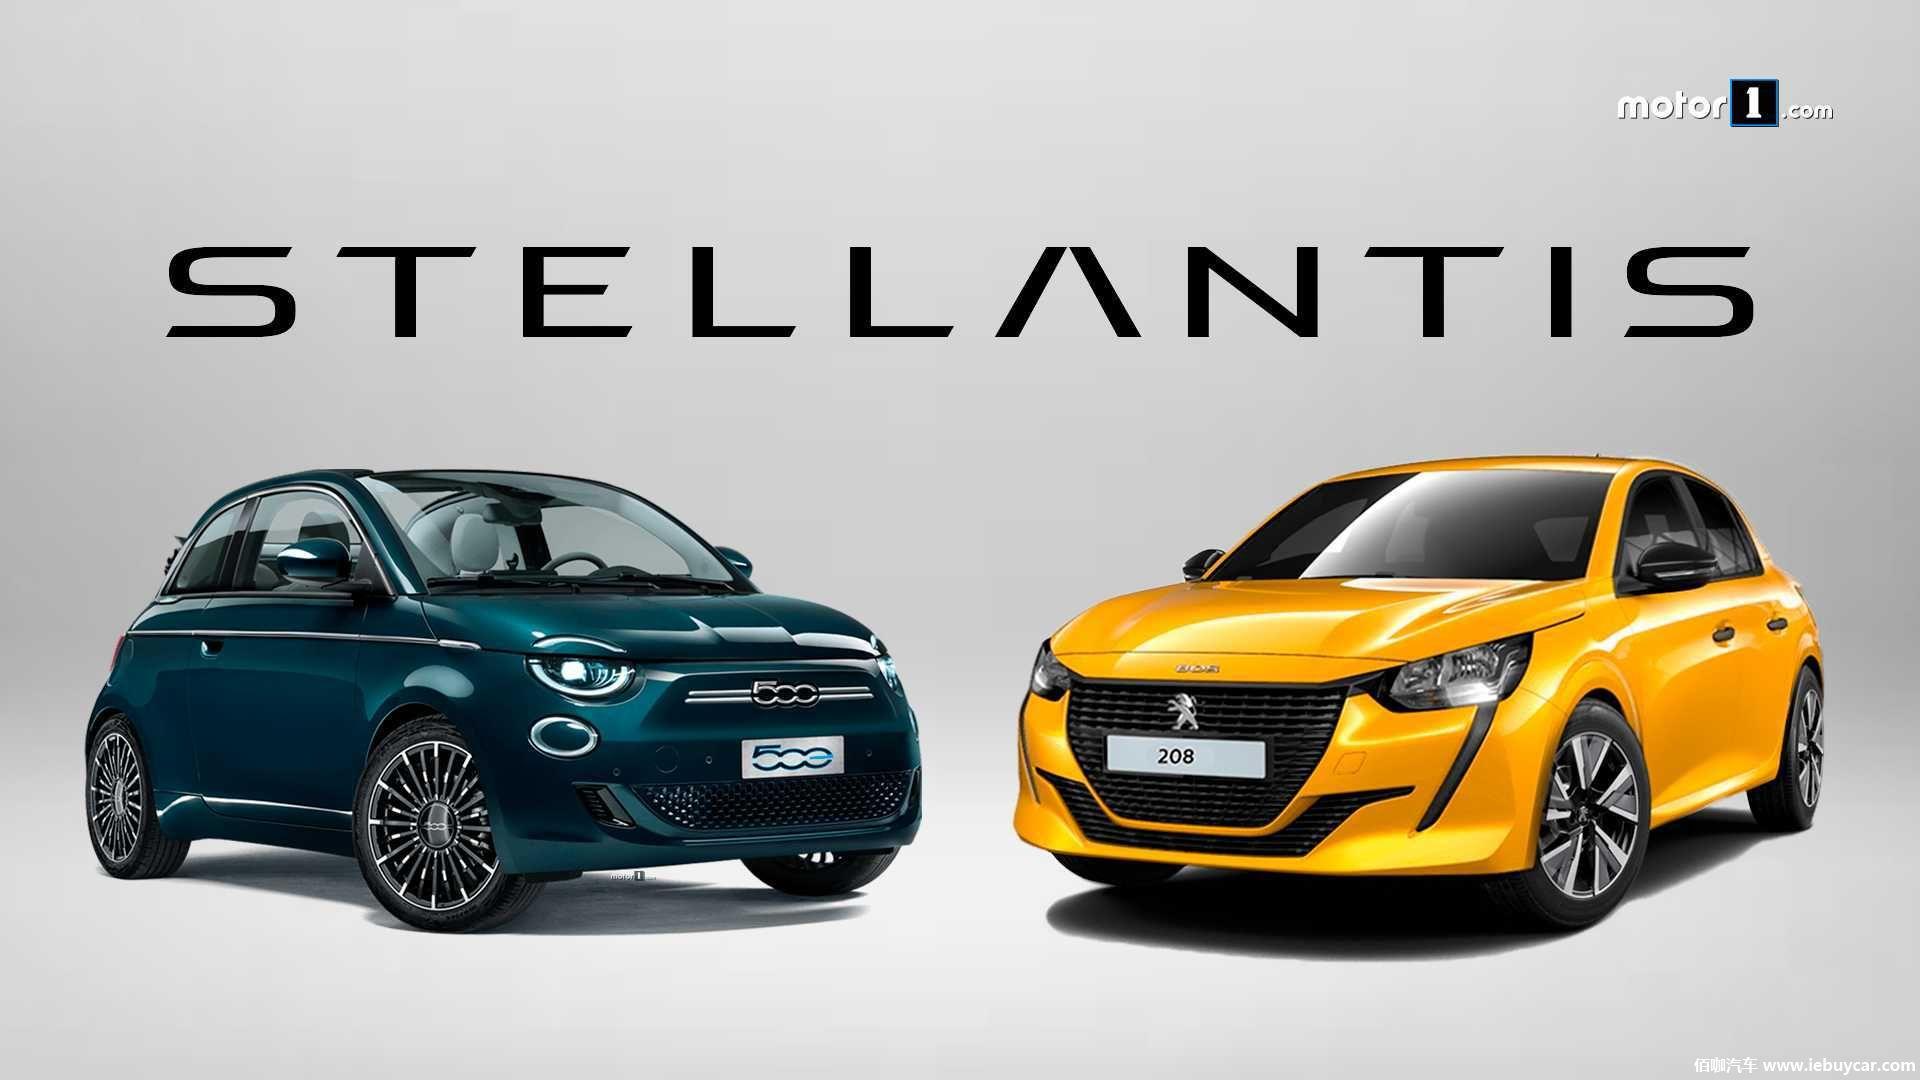 新集团命名Stellantis/成全球第四大汽车制造商